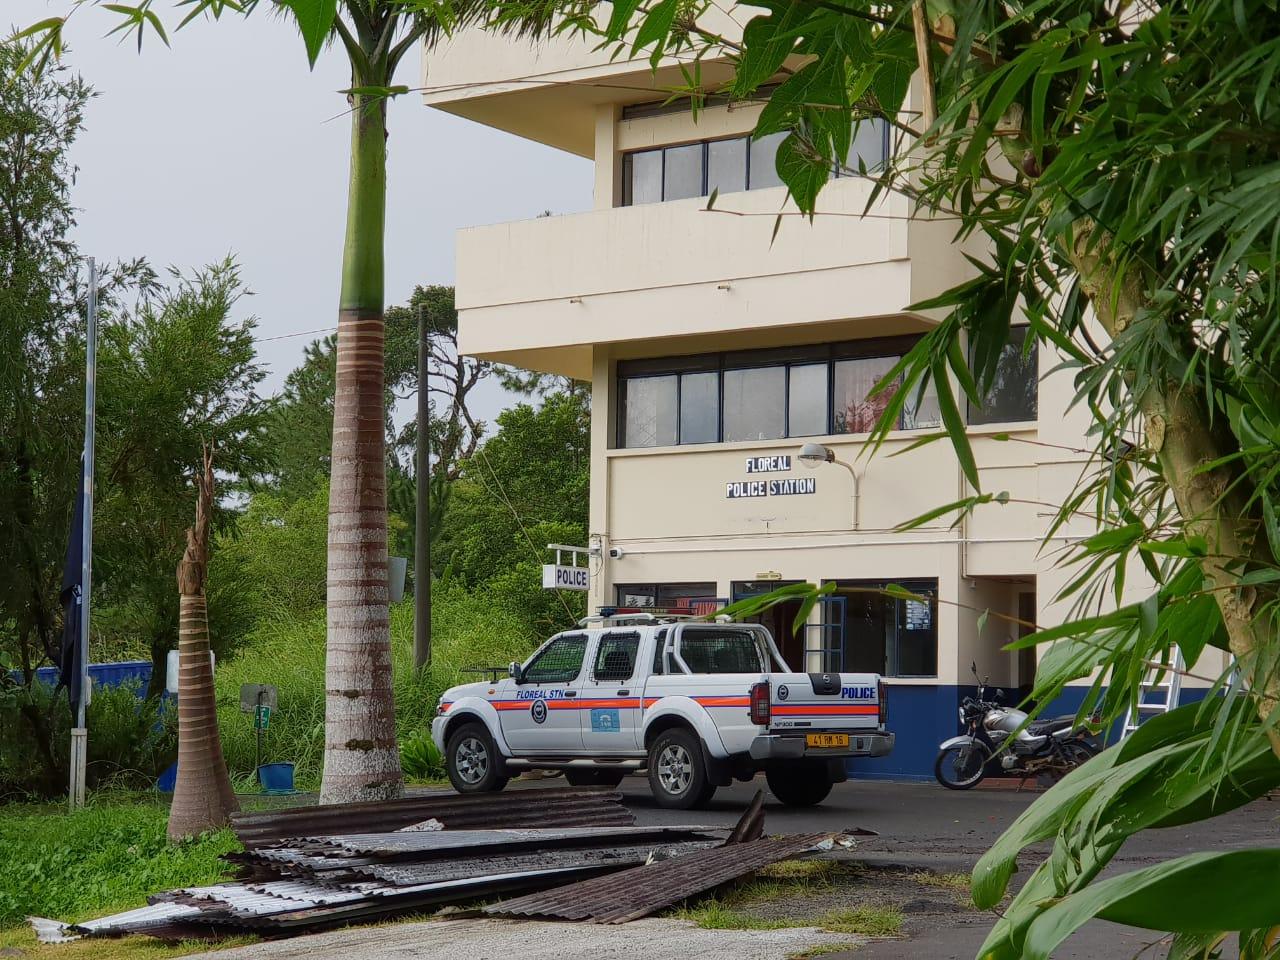 Meurtre à Floréal : l'ami d'enfance de la victime passe aux aveux - Le Mauricien